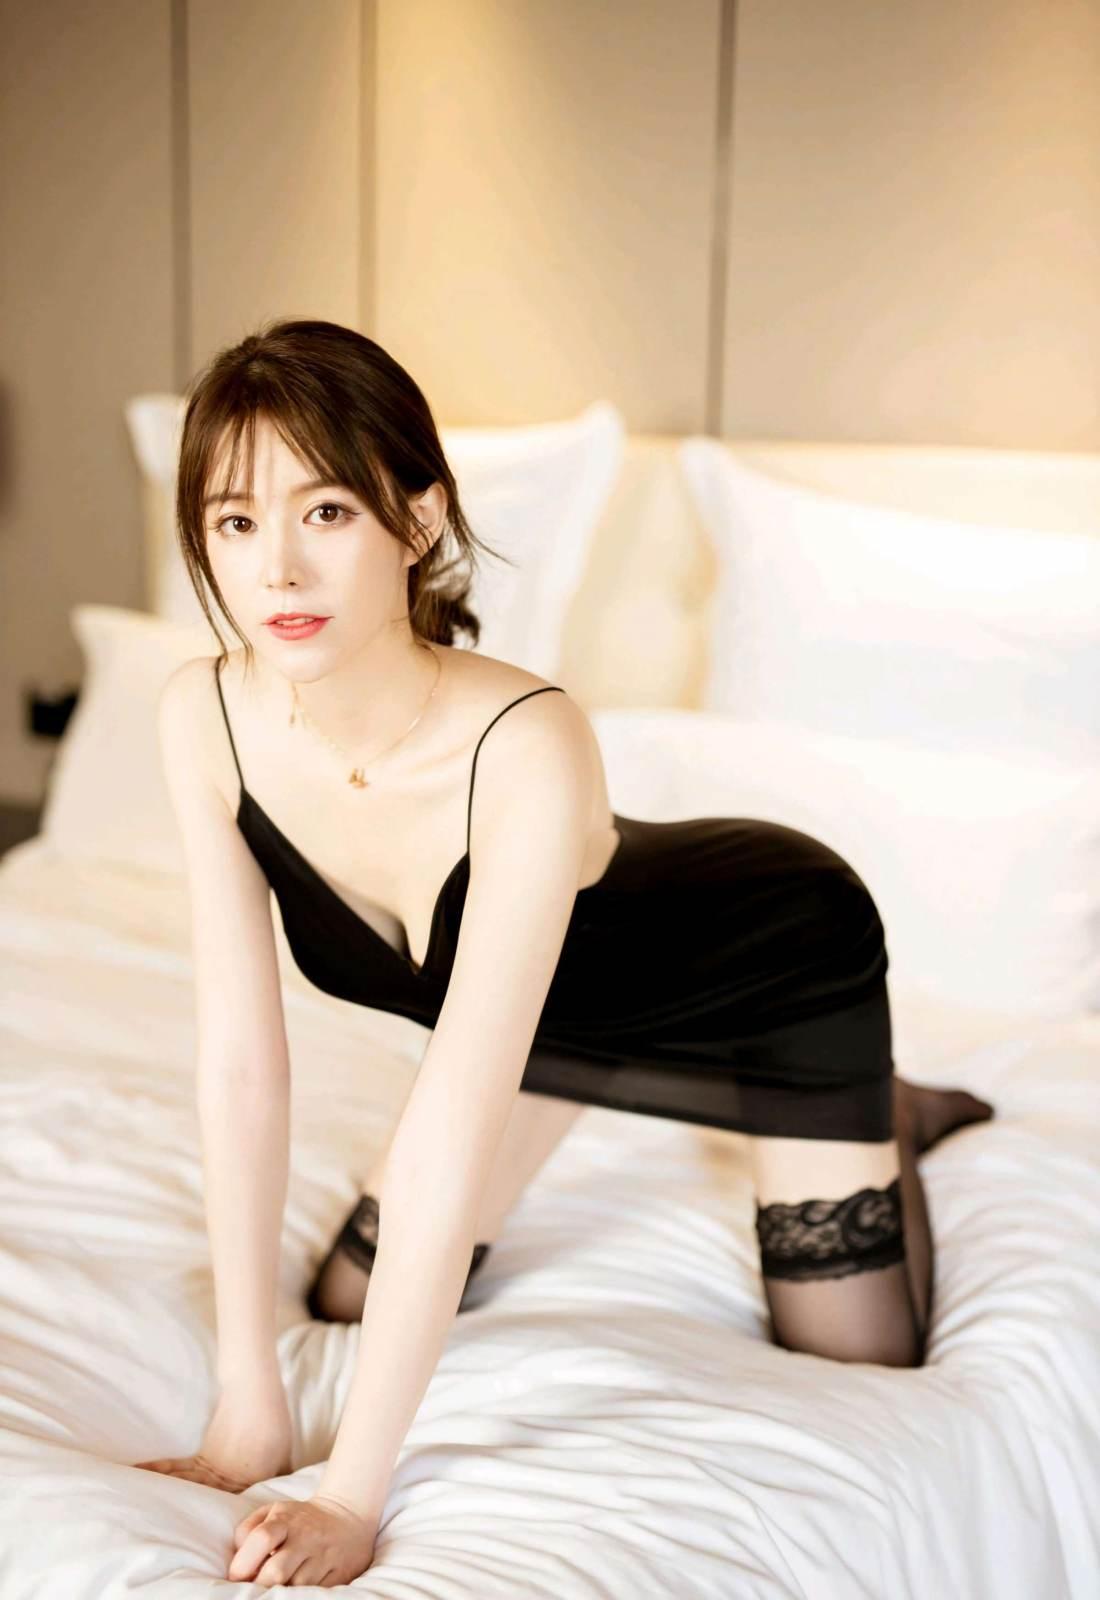 第201期千娇百媚优优(睡袍,黑丝,丝袜,性感,妩媚)_图片3